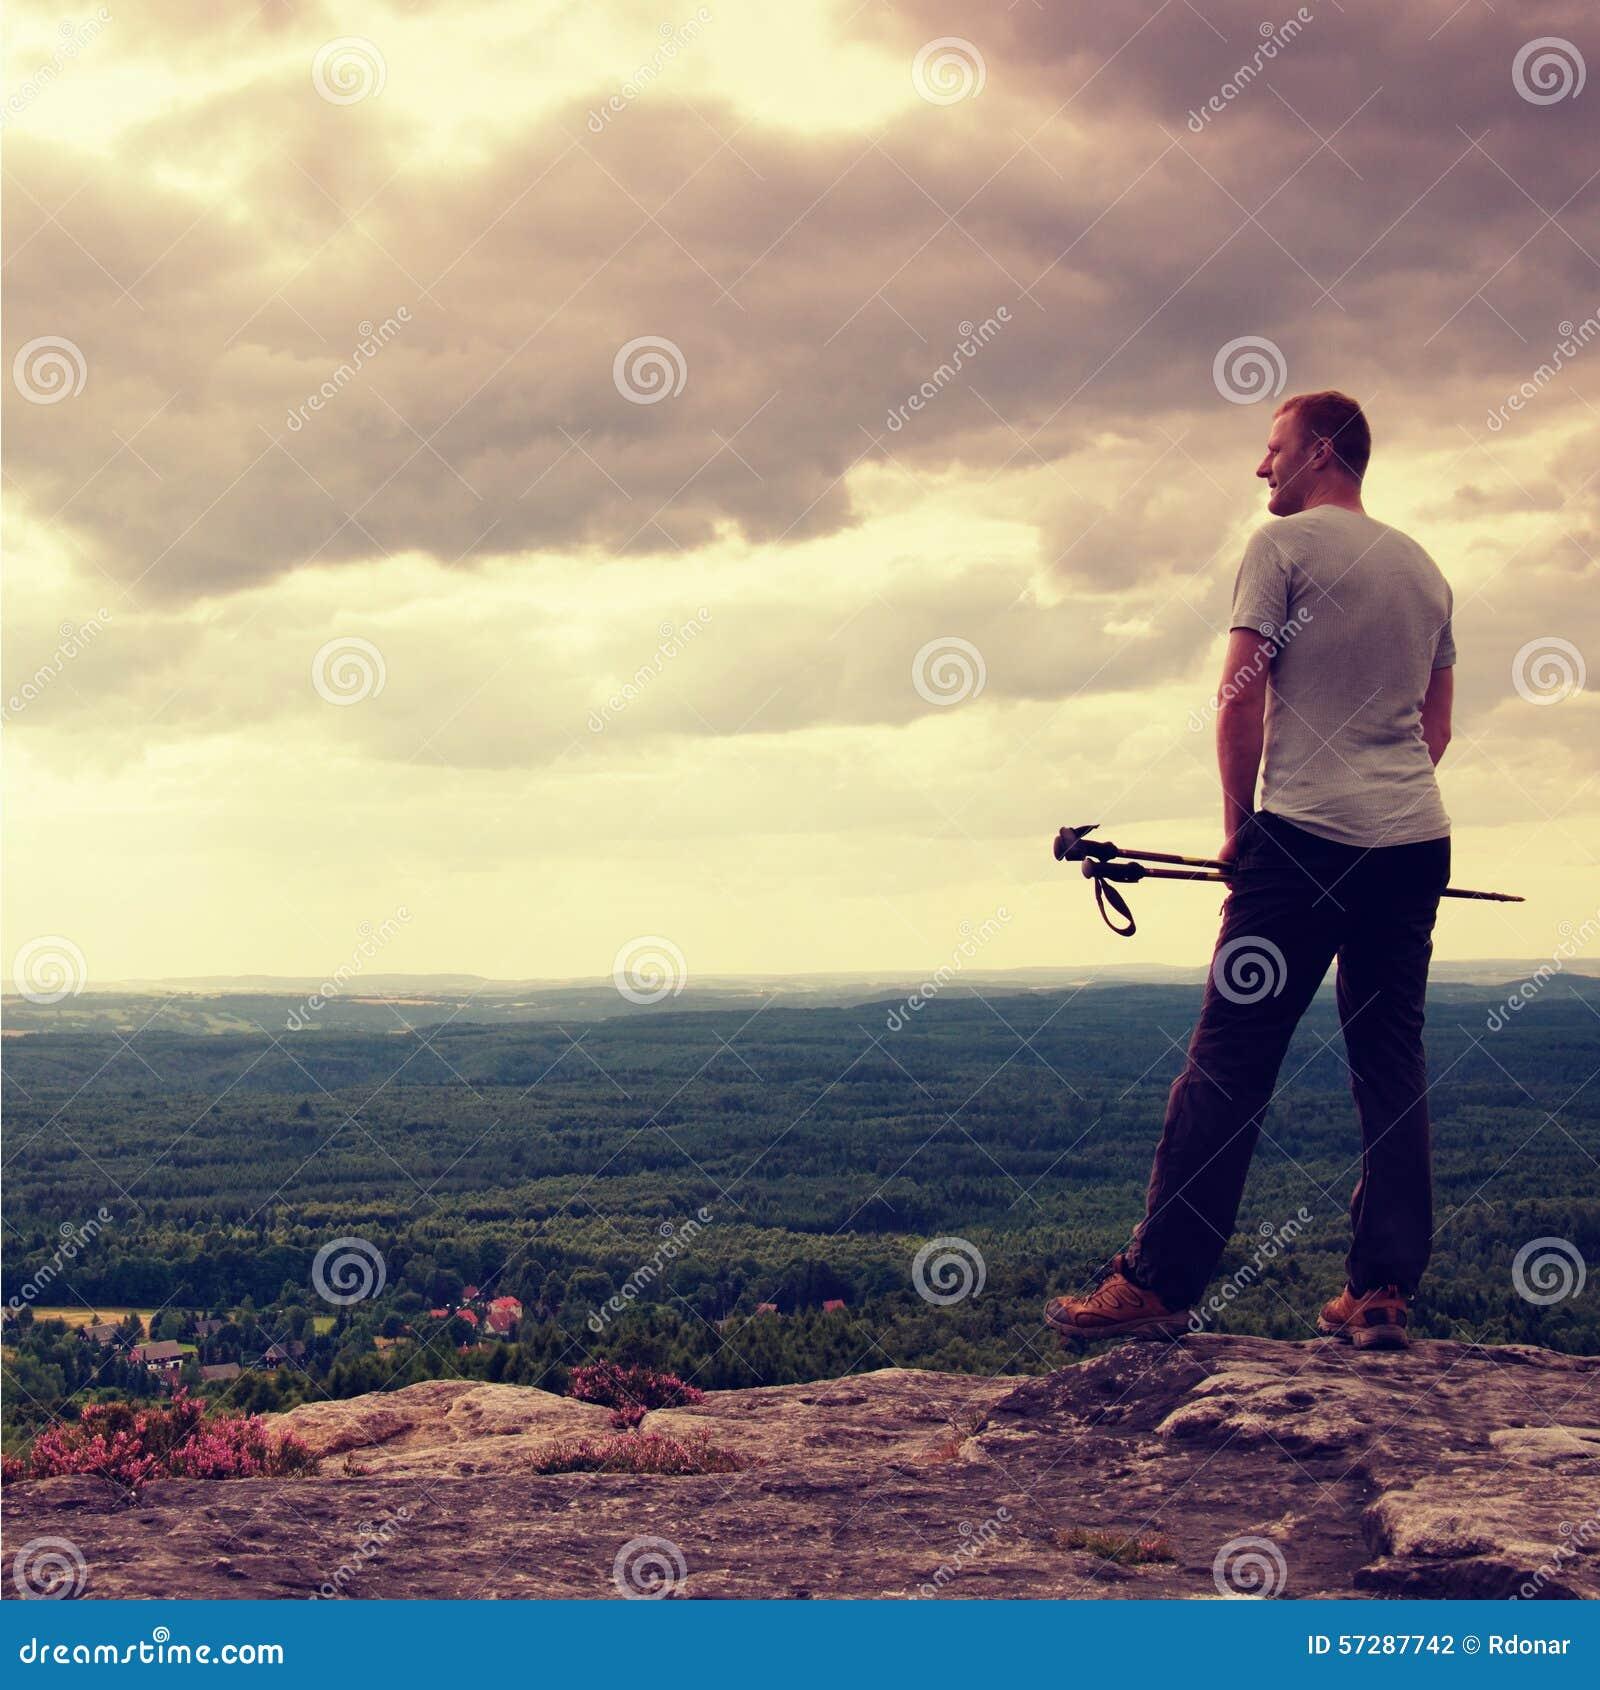 Volwassen wandelaar met in hand polen De wandelaar neemt een rust op rotsachtig meningspunt boven vallei Zonnige dag rotsachtige